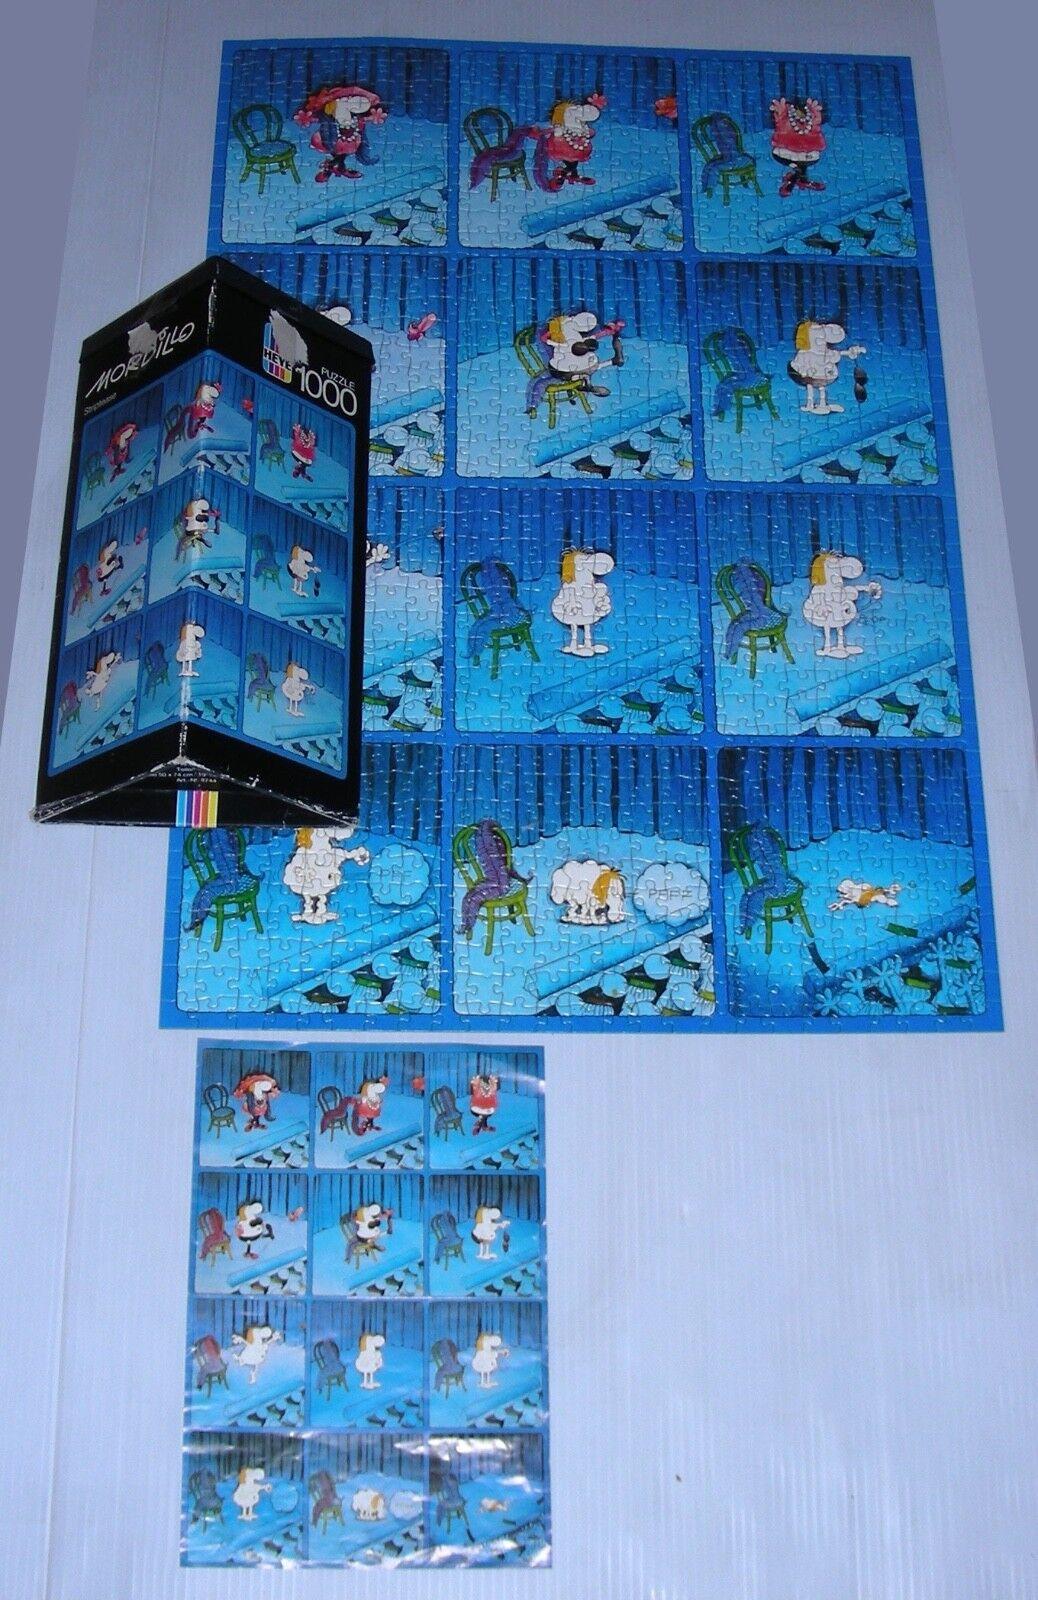 MORDILLO puzzle STRIPTEASE heye 1000 complete humor cartoon cartoon cartoon Germany 1984 c5233a